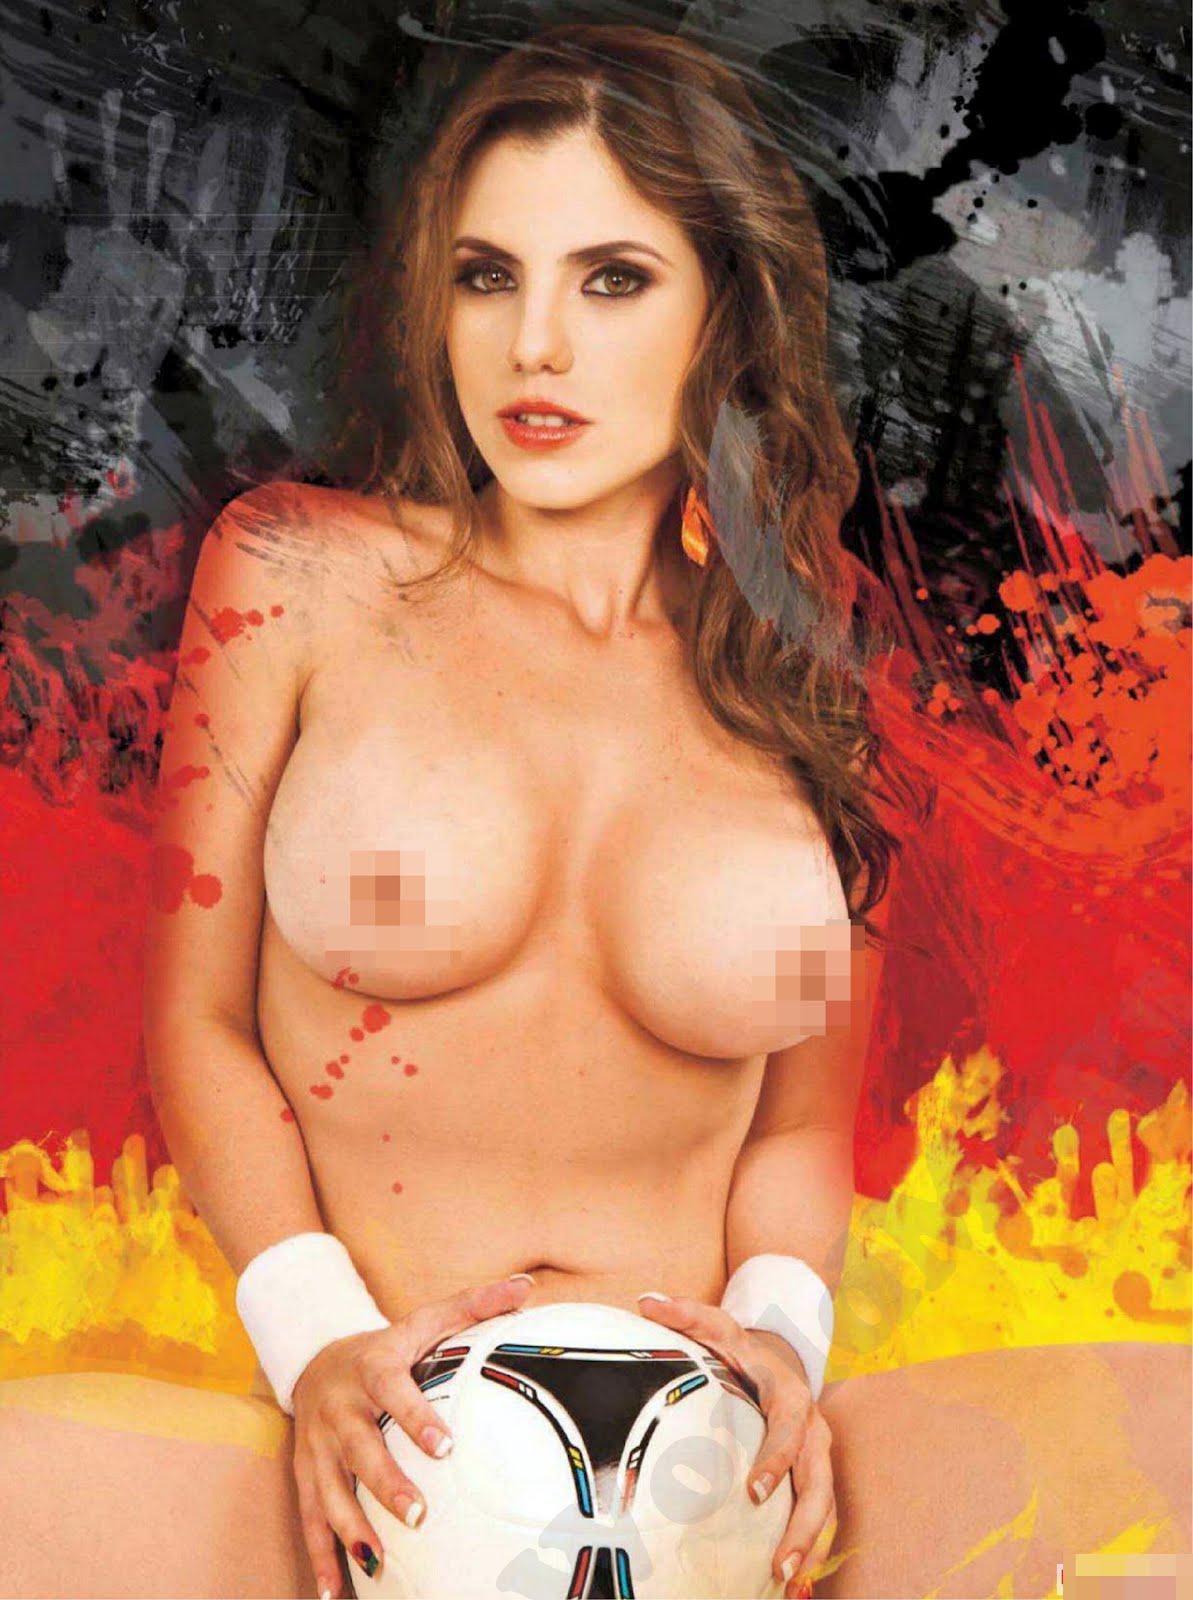 Todas Las Imagenes Sin Censura Para Mas Fotos De Playboy Especial